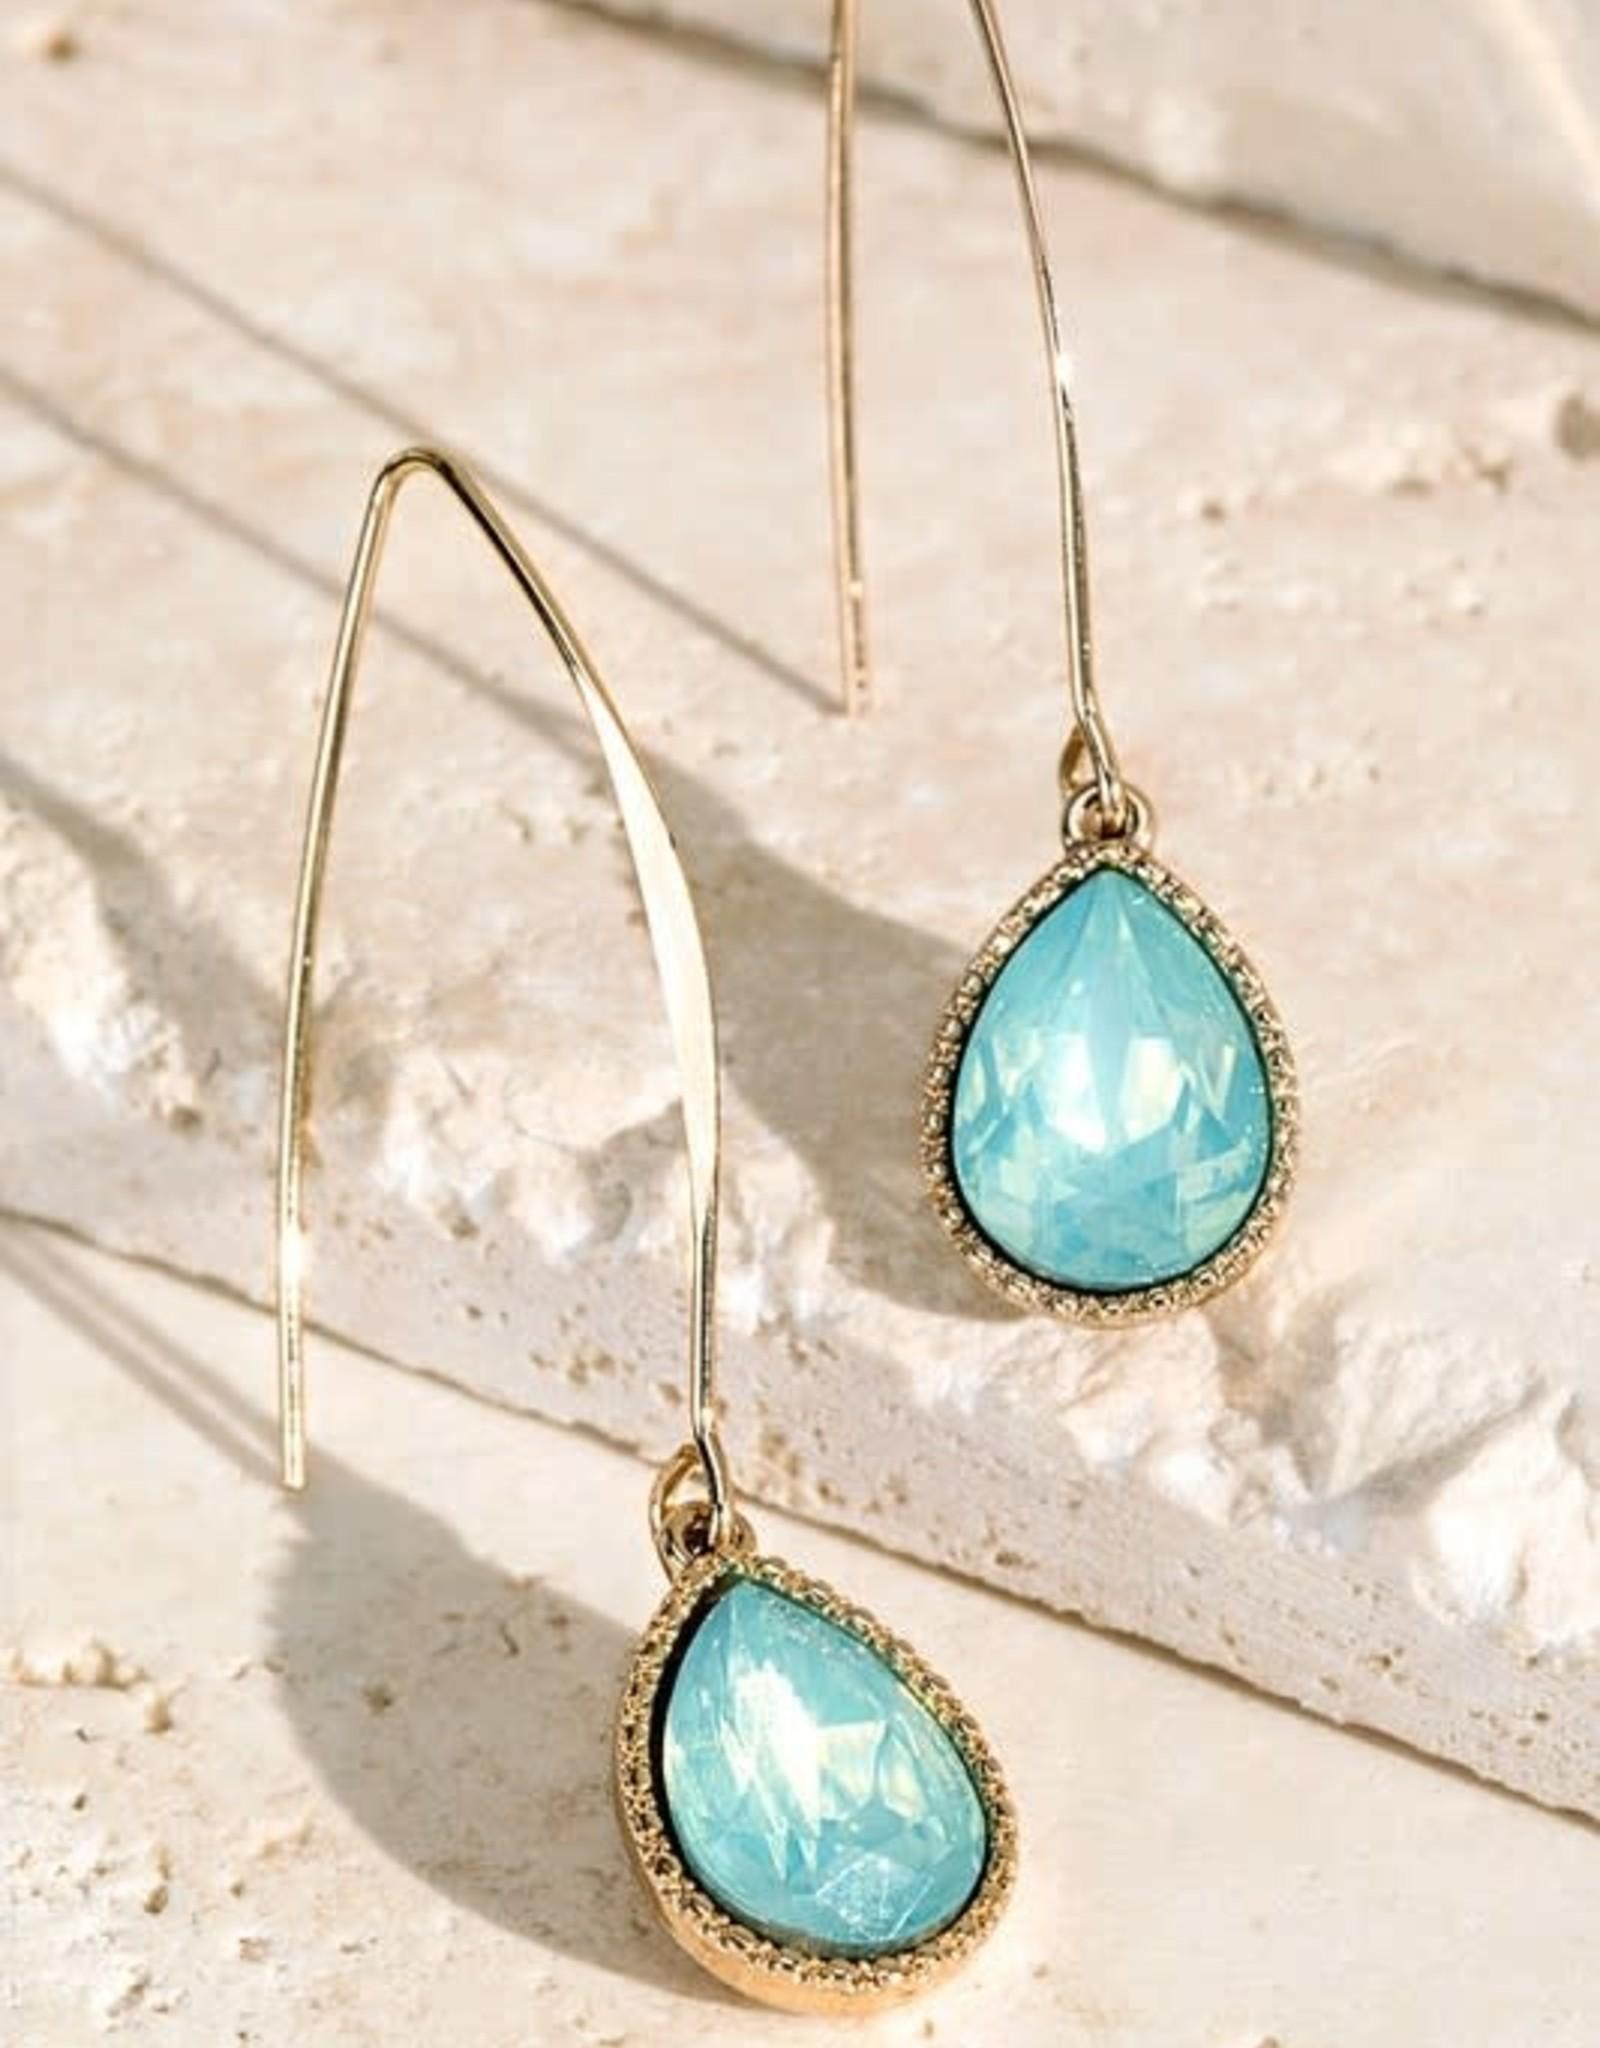 Colored Glass Tear Drop Hook Earrings